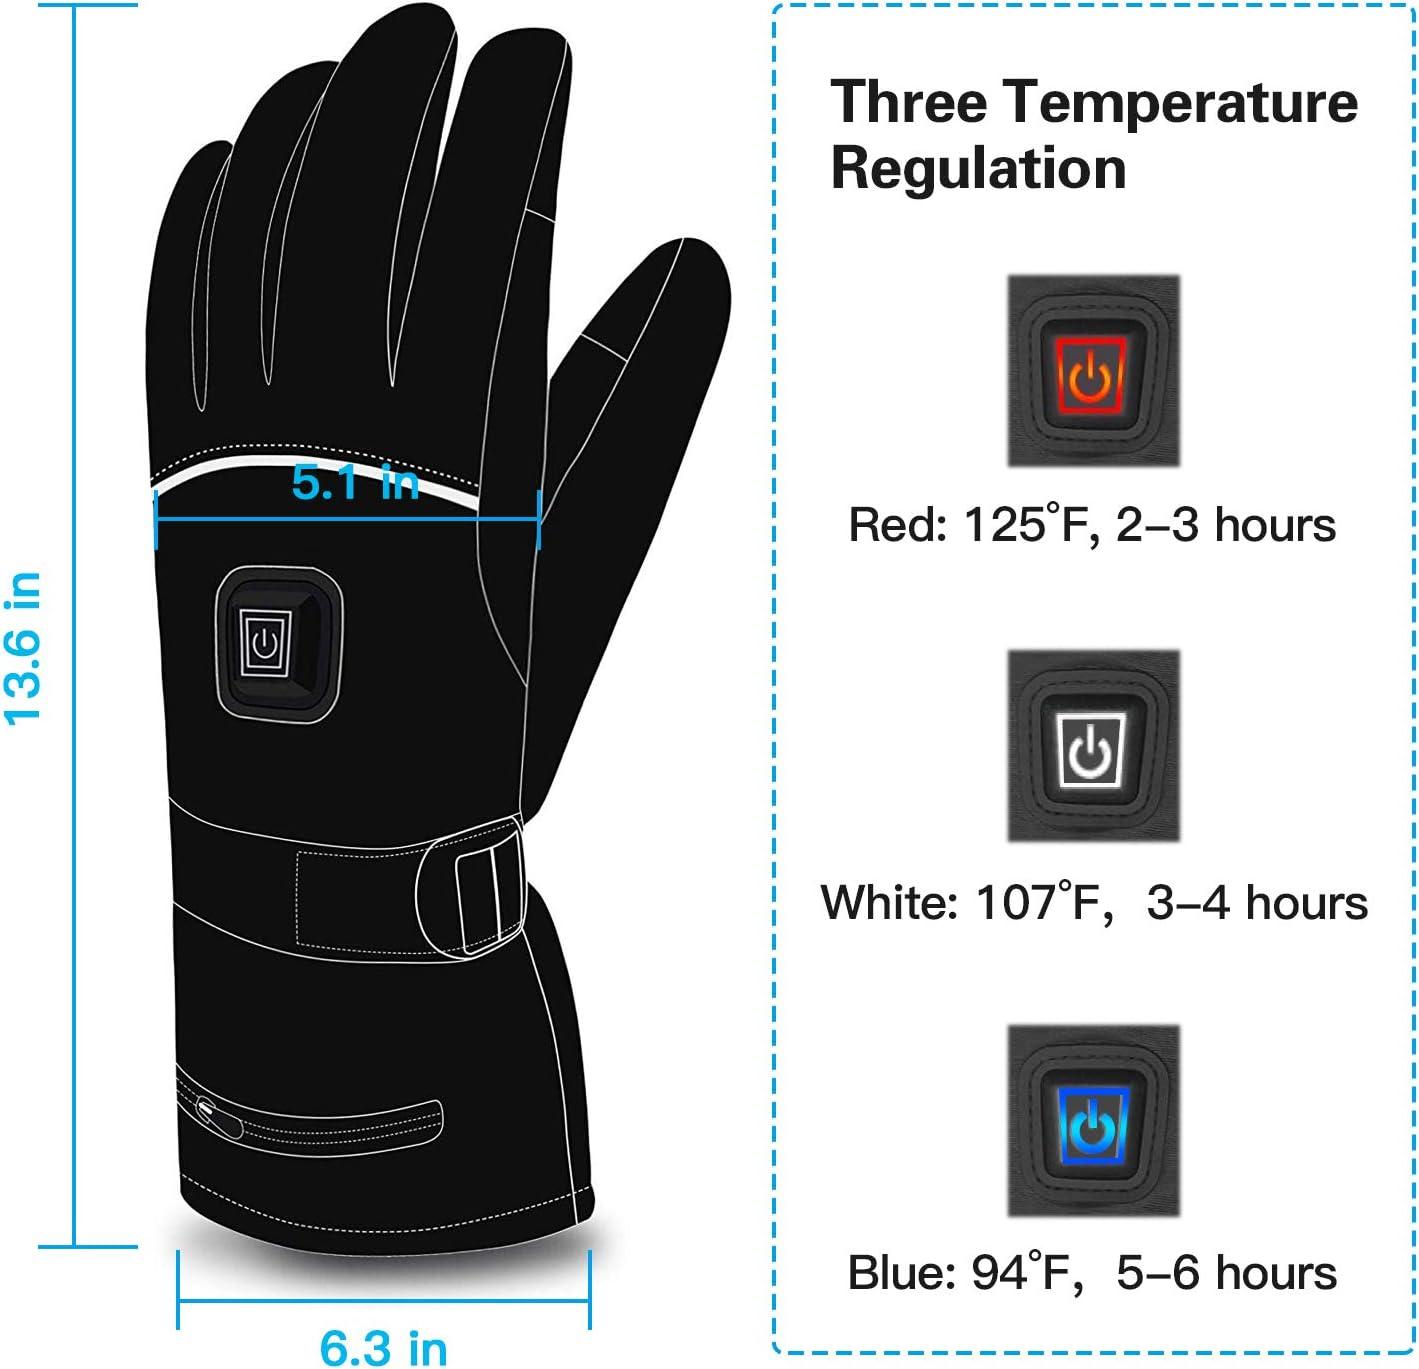 /étanches et r/églables pour /écran Tactile avec 3 temp/ératures de Chauffage diff/érentes pour Tous Les Types dactivit/és de Plein air FLIUUK Gants Chauffants pour Homme//Femme